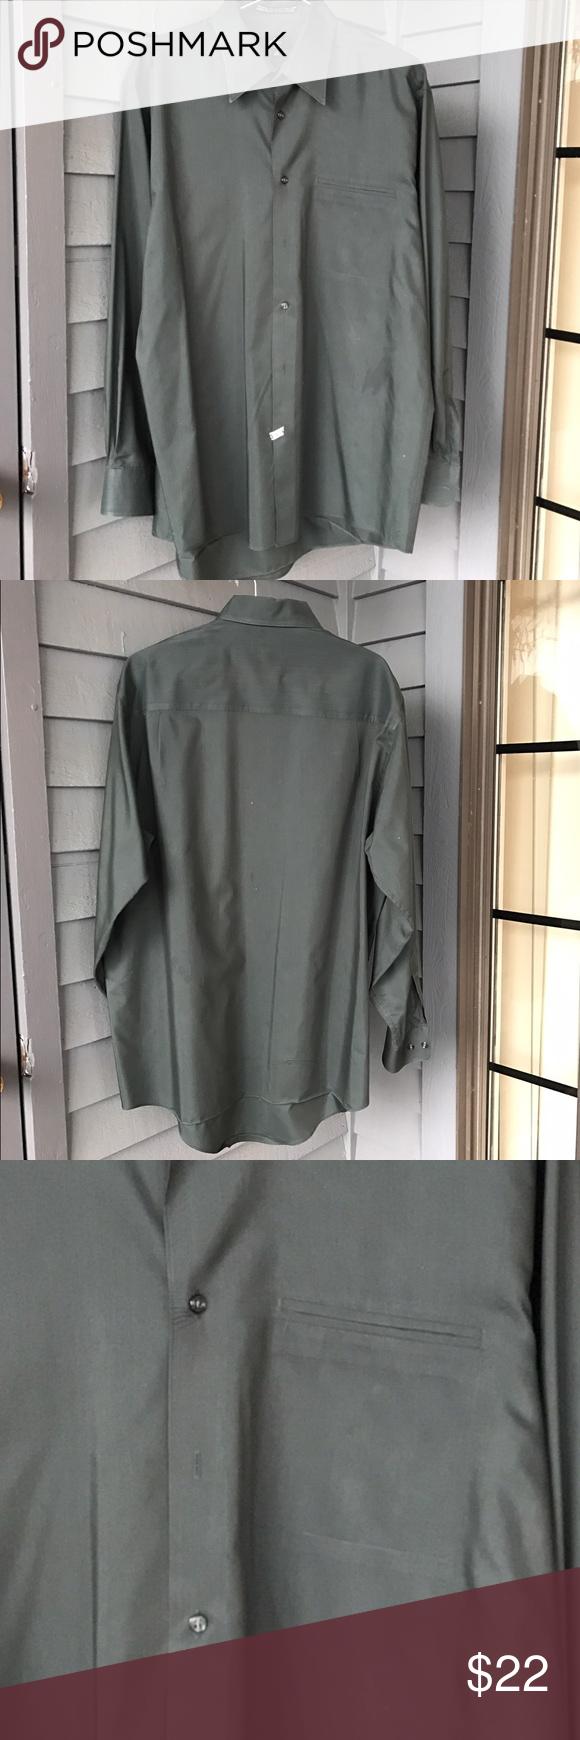 Dark green dress shirt  Menus dark green dress shirt